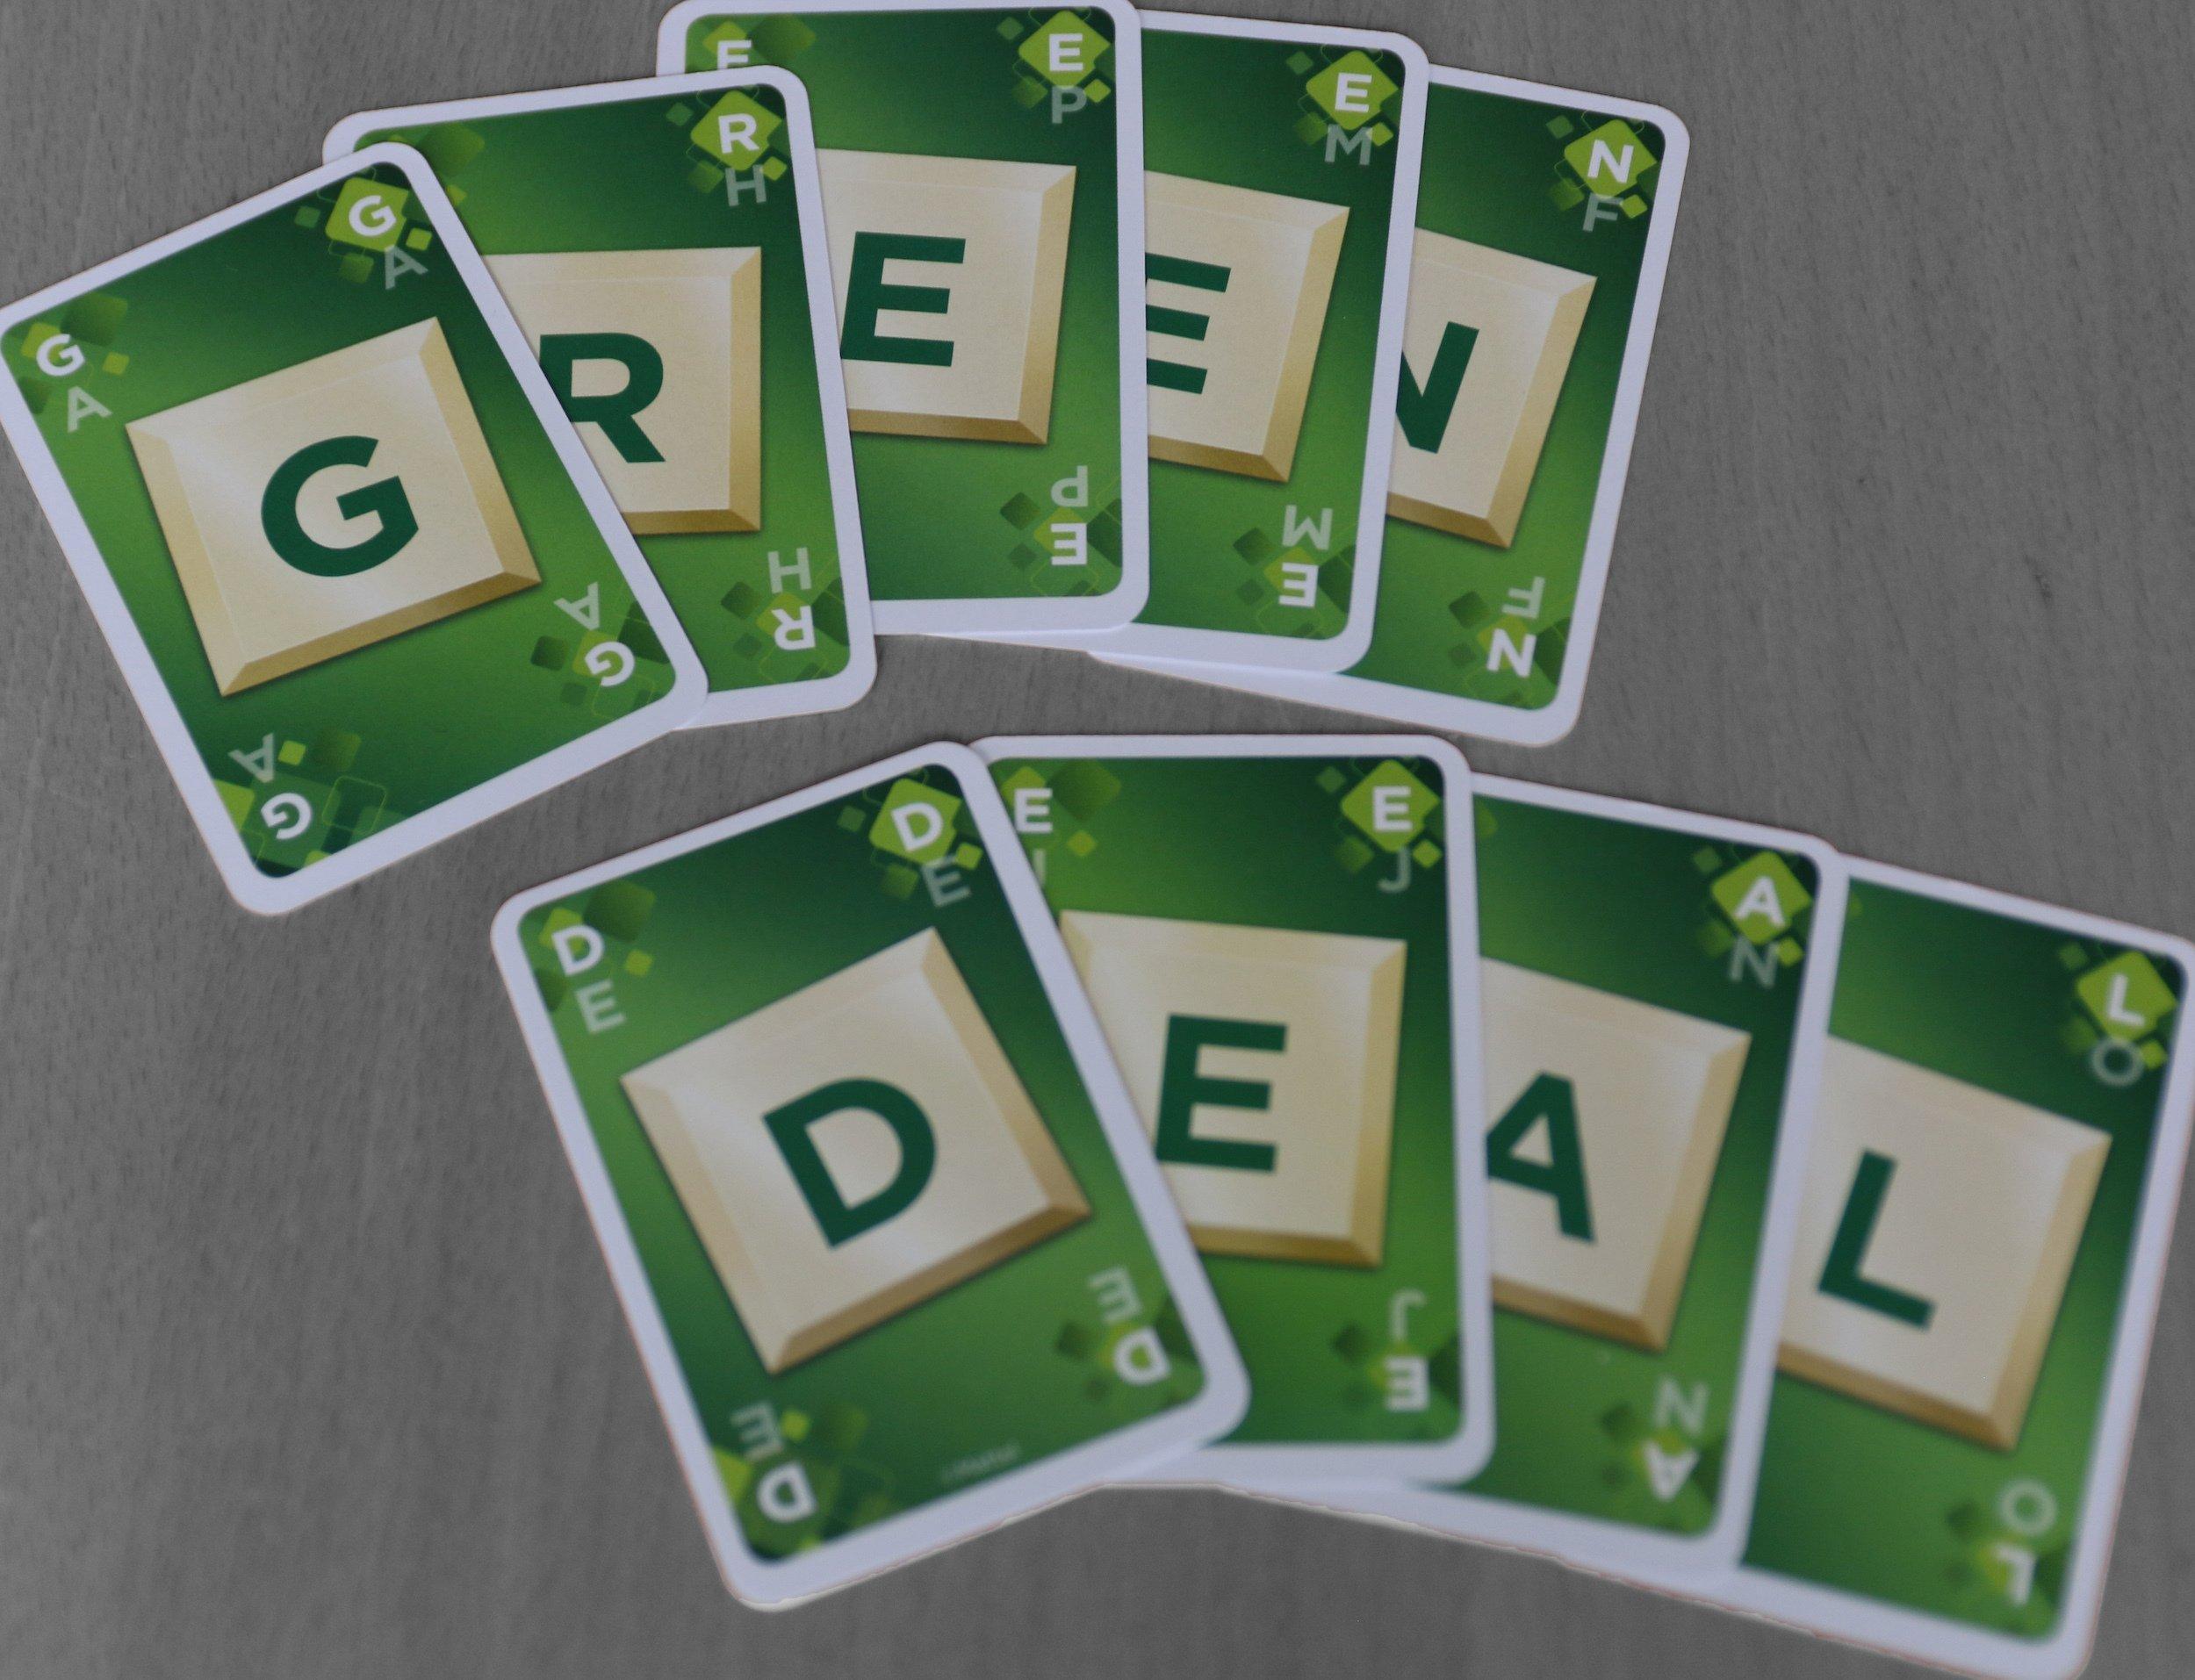 """Auf einem Tisch liegen neun Karten mit Buchstaben, die zusammen """"Green Deal"""" buchstabieren. Während die Karten farbig und vor allem grün sind, ist die Tischoberfläche schwarz-weiß gehalten. – Der europäische Green Deal soll nach den Forderungen vieler Expert*innen aus Politik, Industrie und Zivilgesellschaft die graue Wirtschaft in eine grüne überführen."""